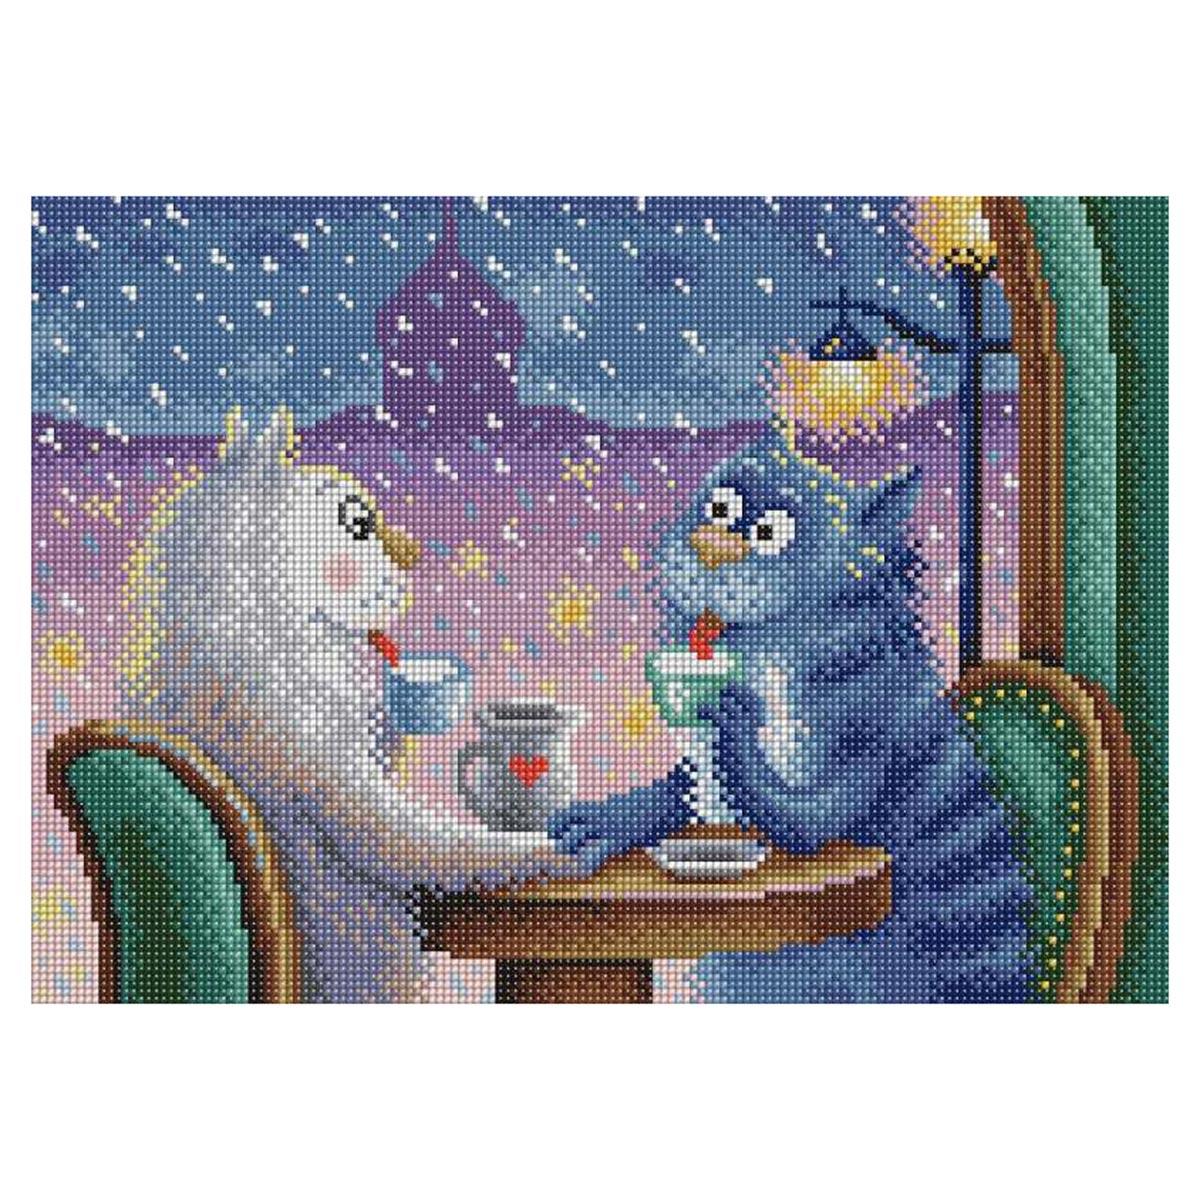 МС-071 Алмазная мозаика 'Свидание в кафе' 38*27 см Brilliart